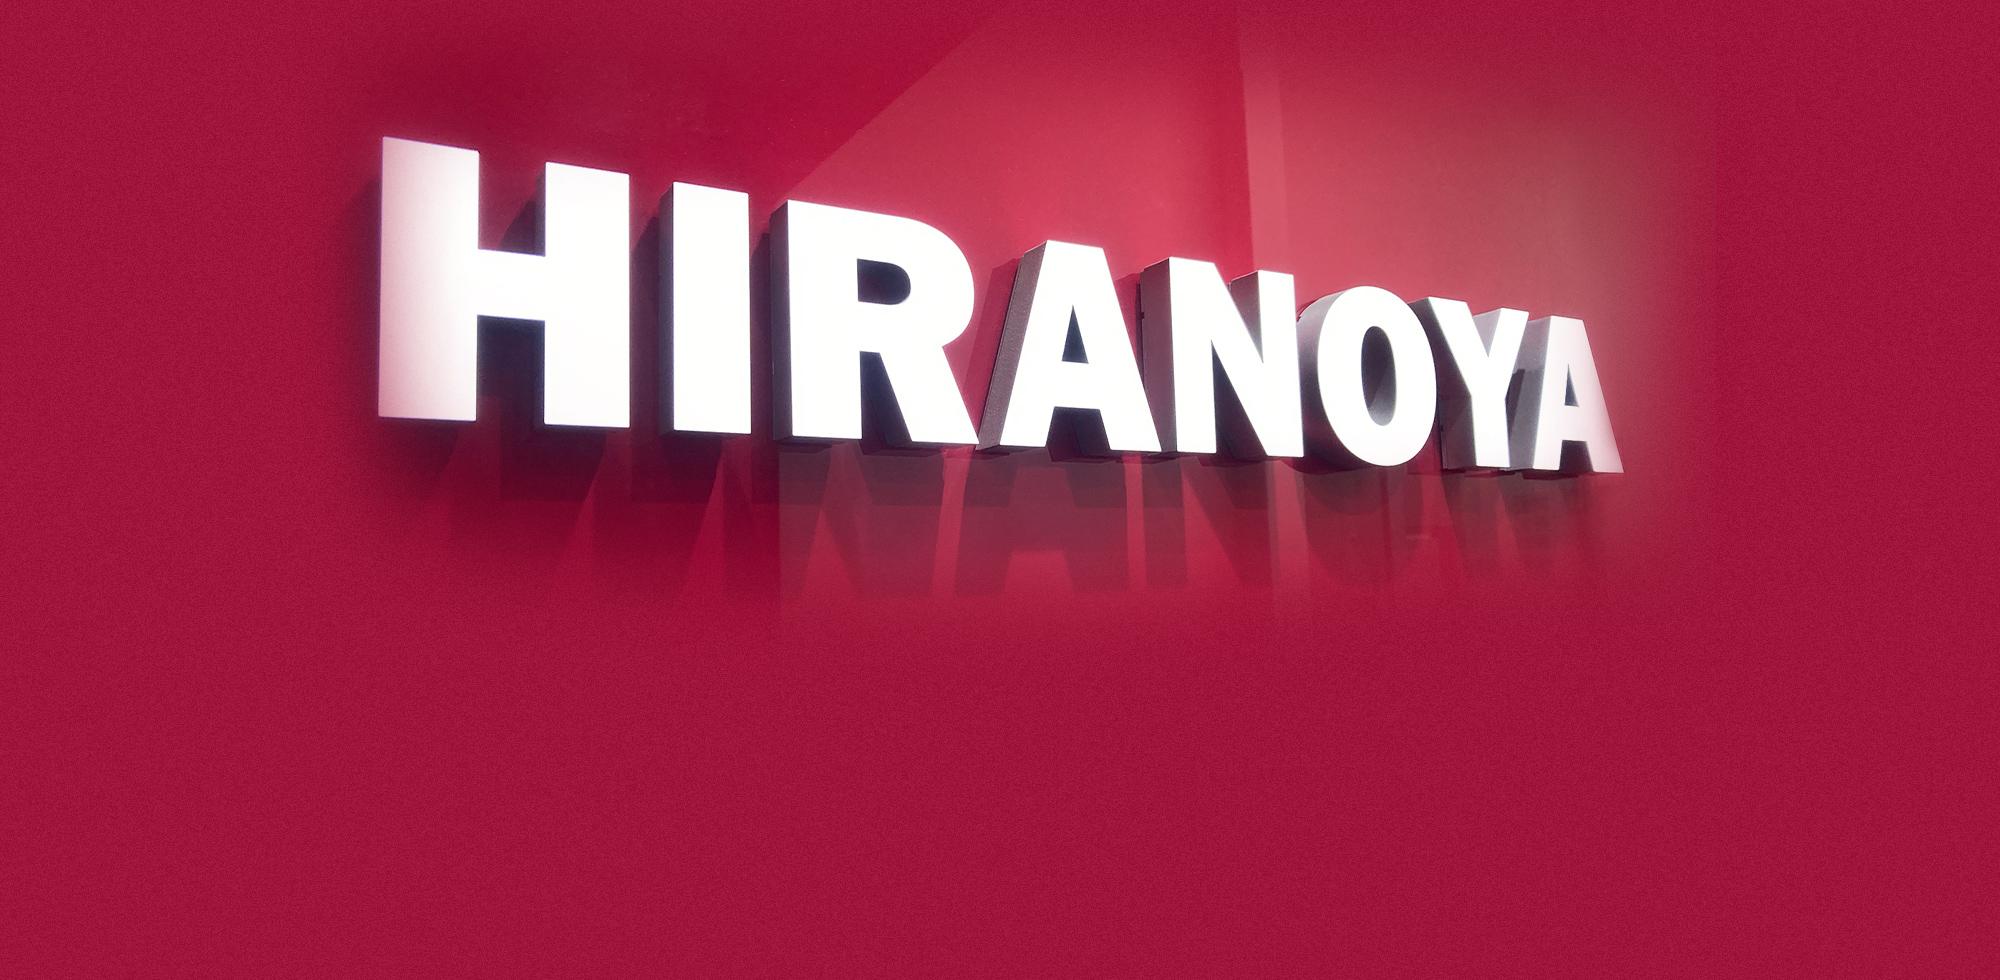 株式会社ヒラノヤ